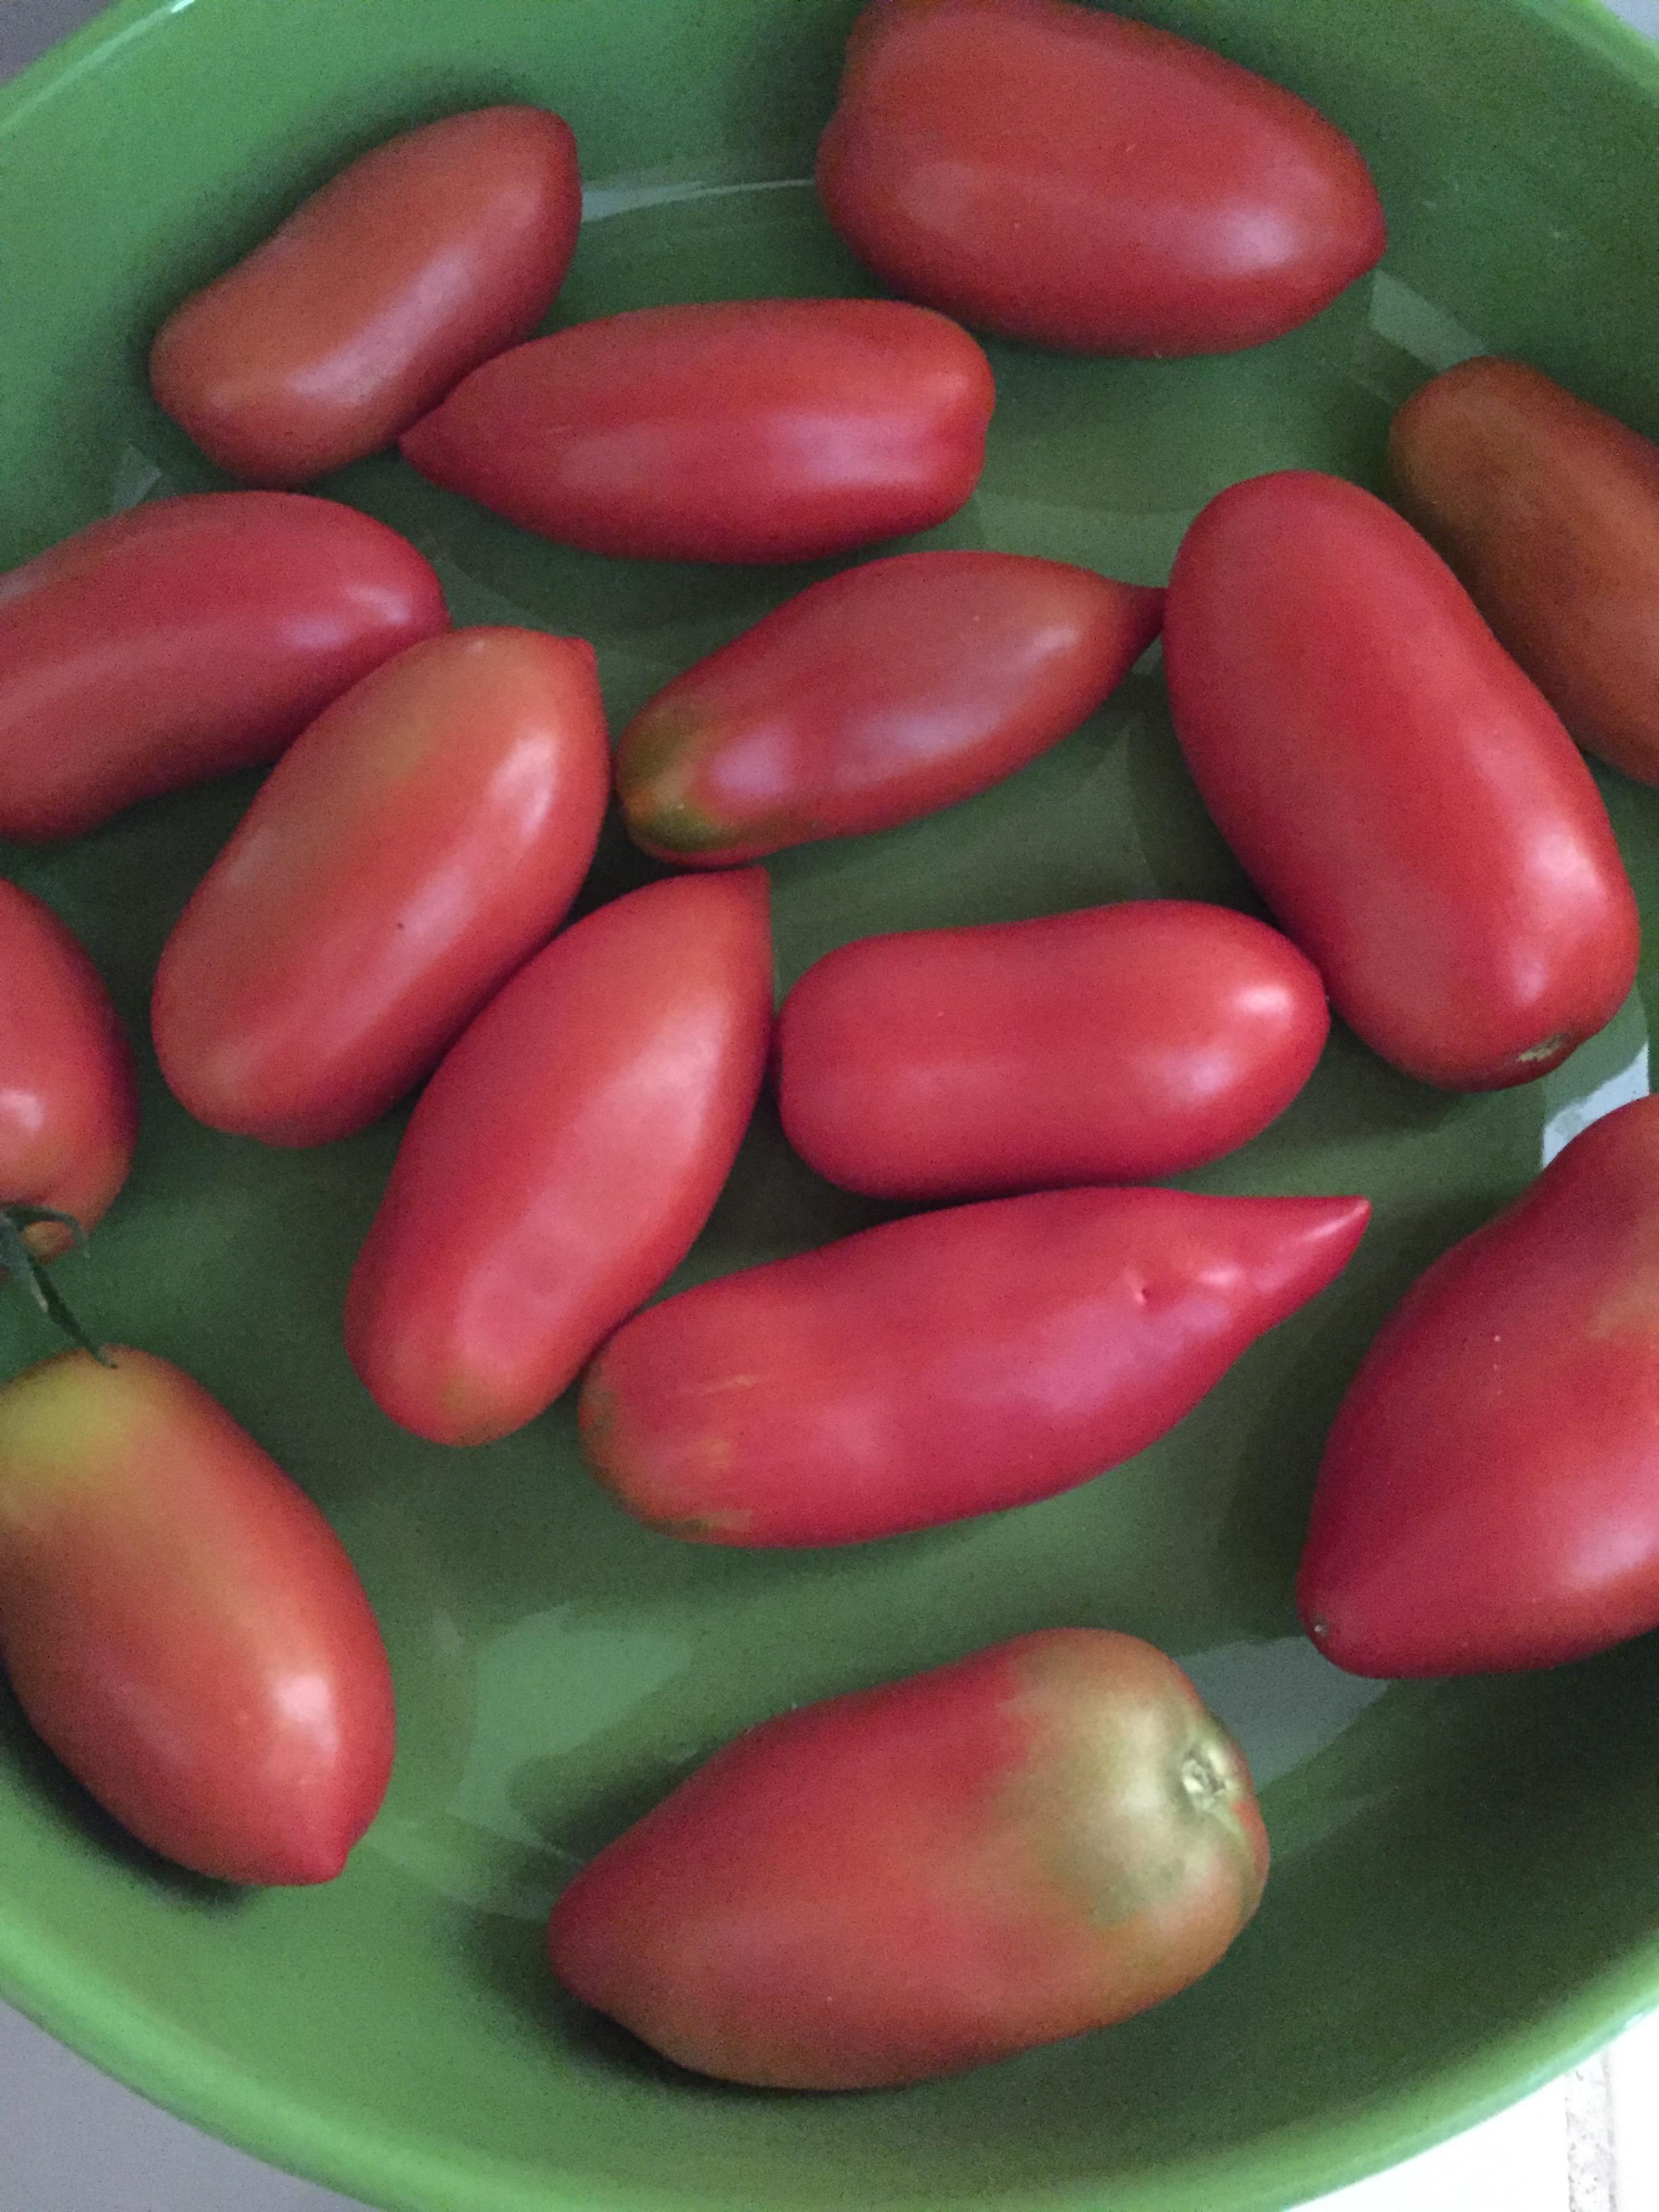 a few ripening inside in a bowl